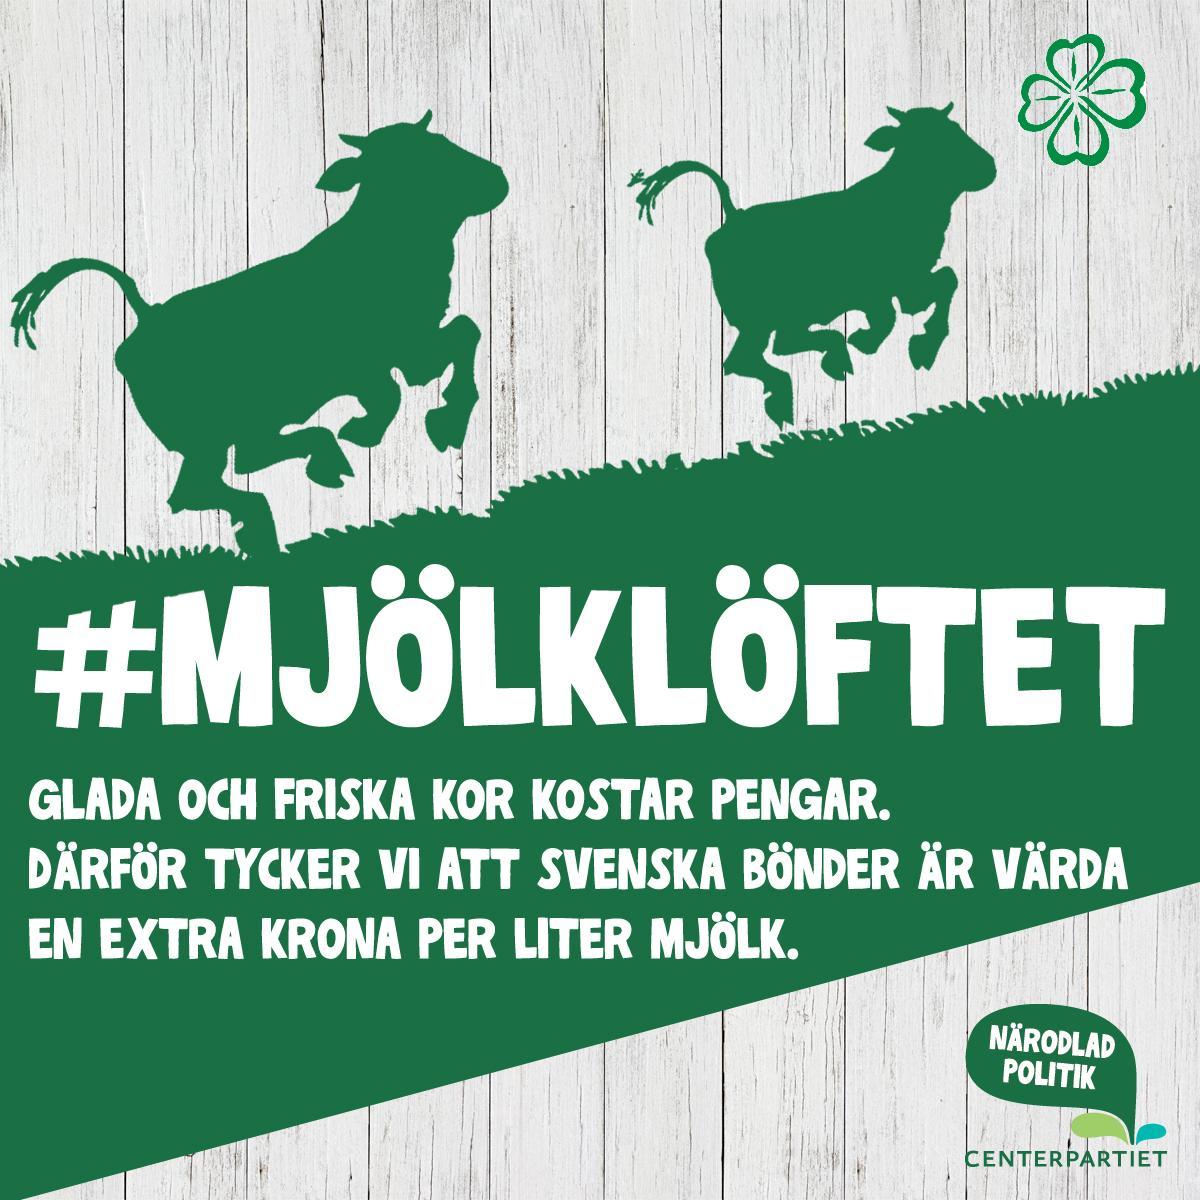 En krona mer för mjölken gör stor skillnad.#mjölklöftet RT:a gärna. http://t.co/Q39kEspyKQ http://t.co/2udO1VIDFz